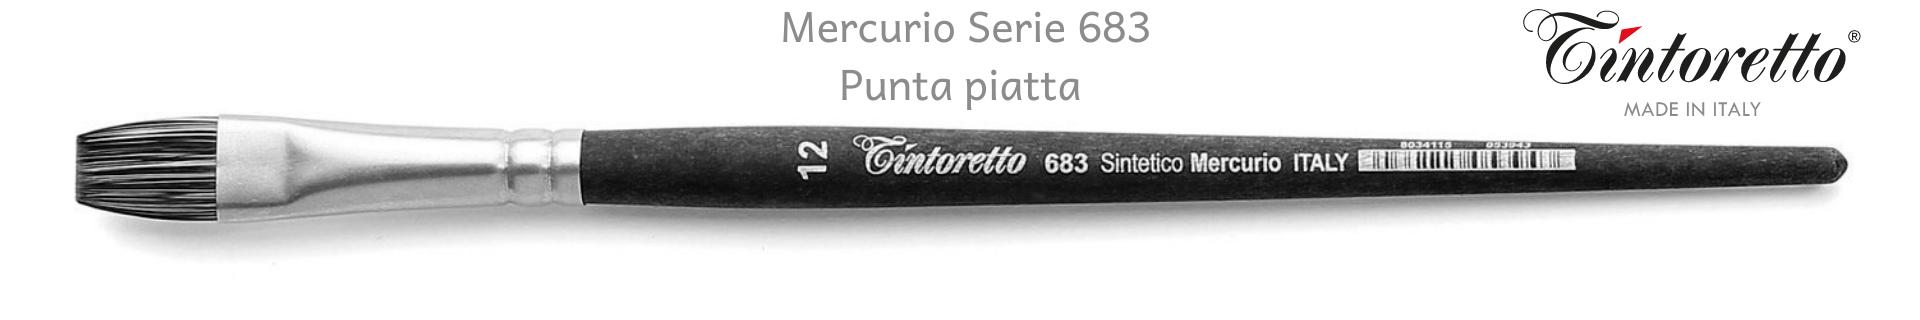 Tintoretto Mercurio 683 Piatti